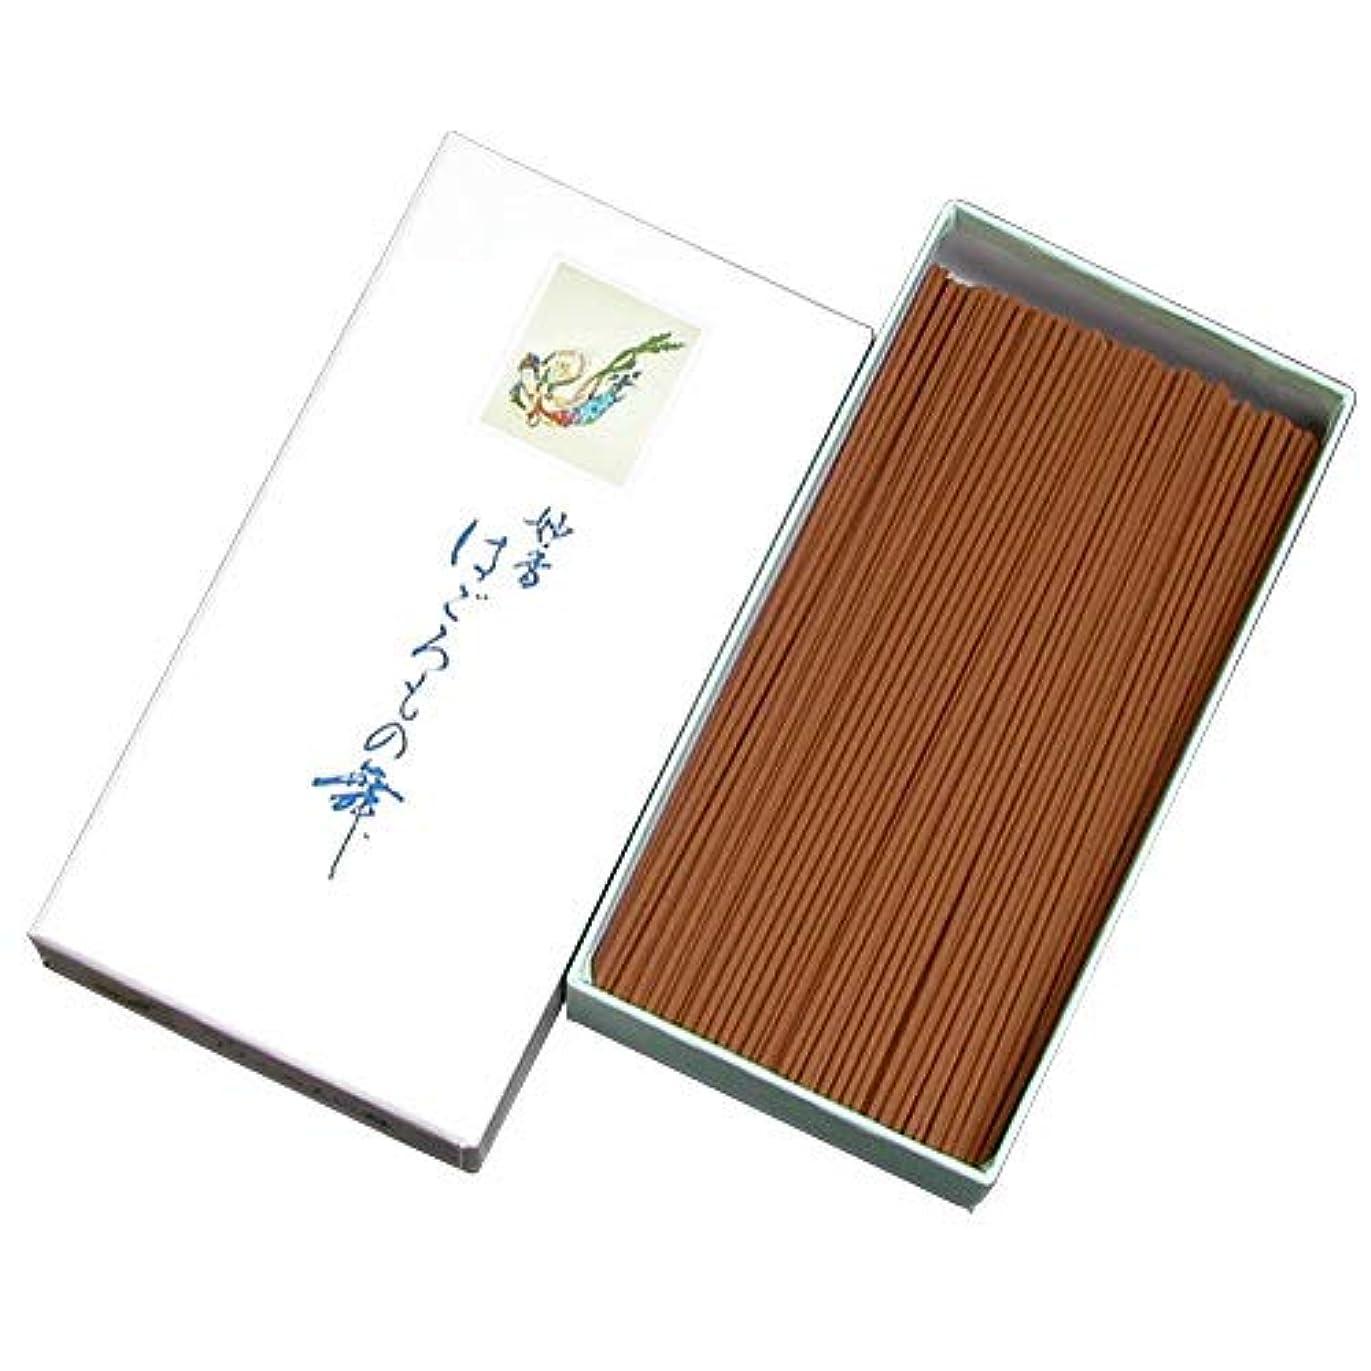 毎週虐殺何でも家庭用線香 はごろもの舞(箱寸法16×8.5×3.5cm)◆一番人気の優しい香りのお線香(大発)